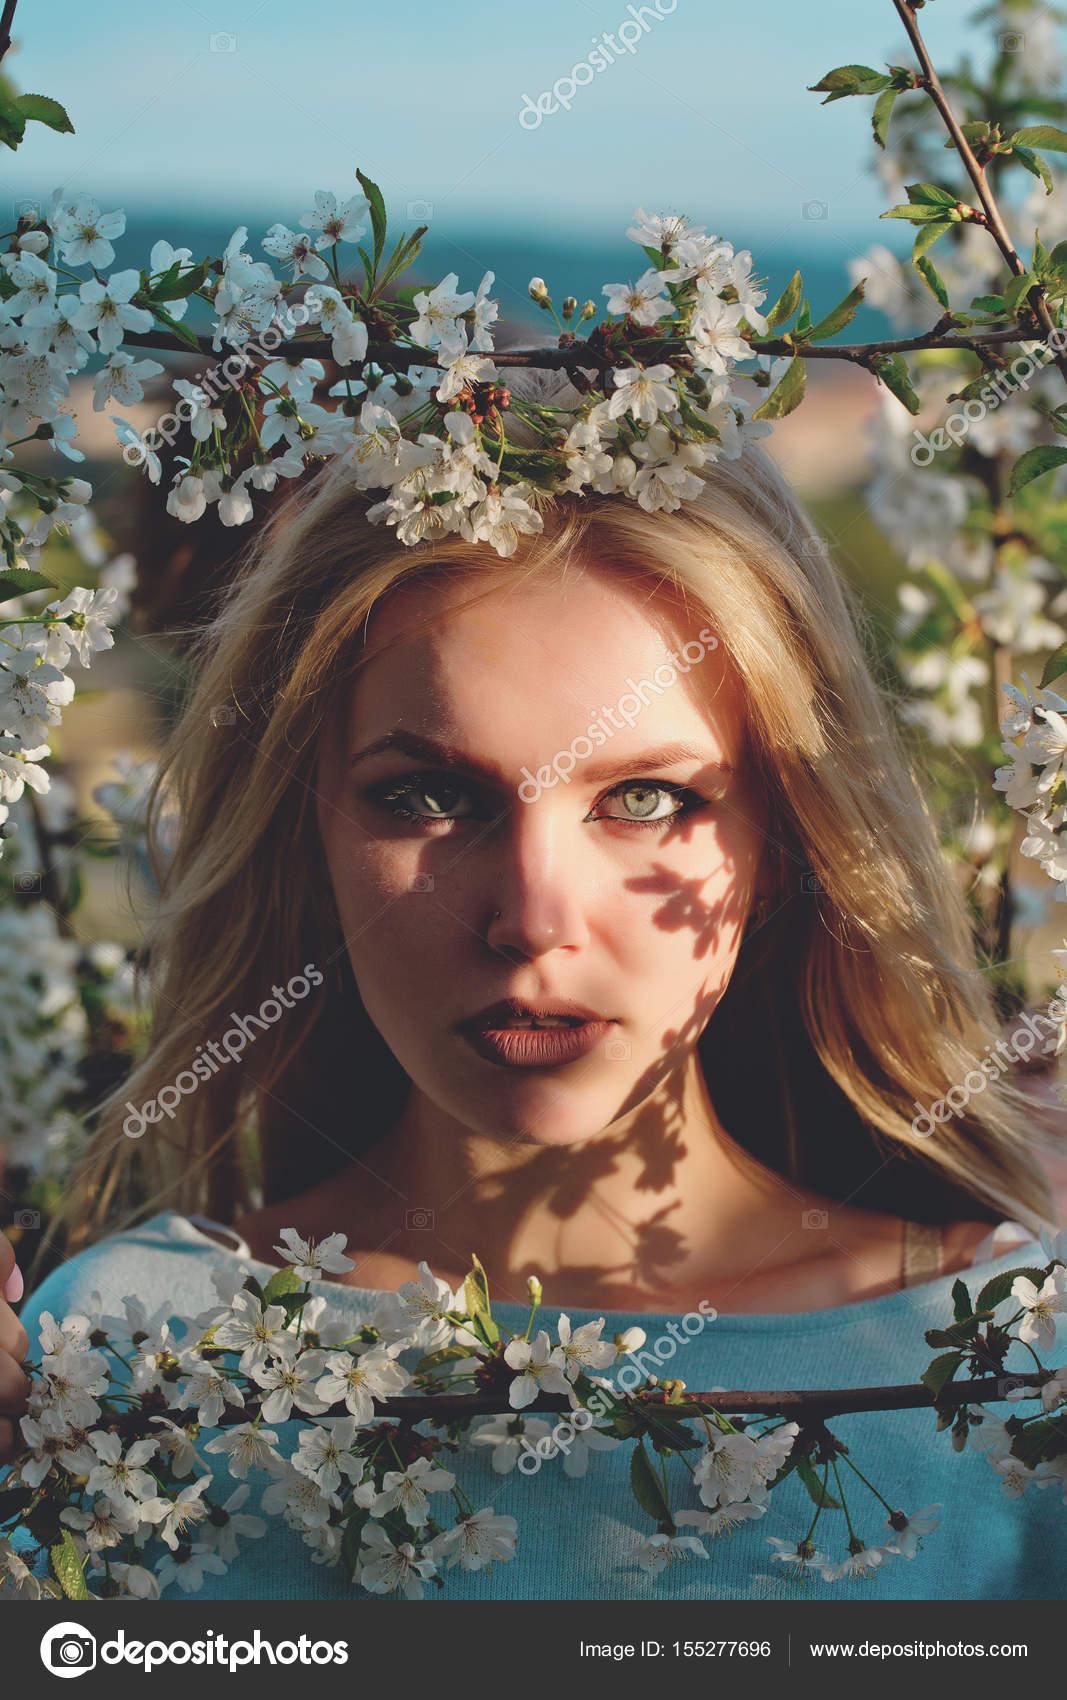 Primavera y la juventud, chica con cara de adorable en marco floral ...